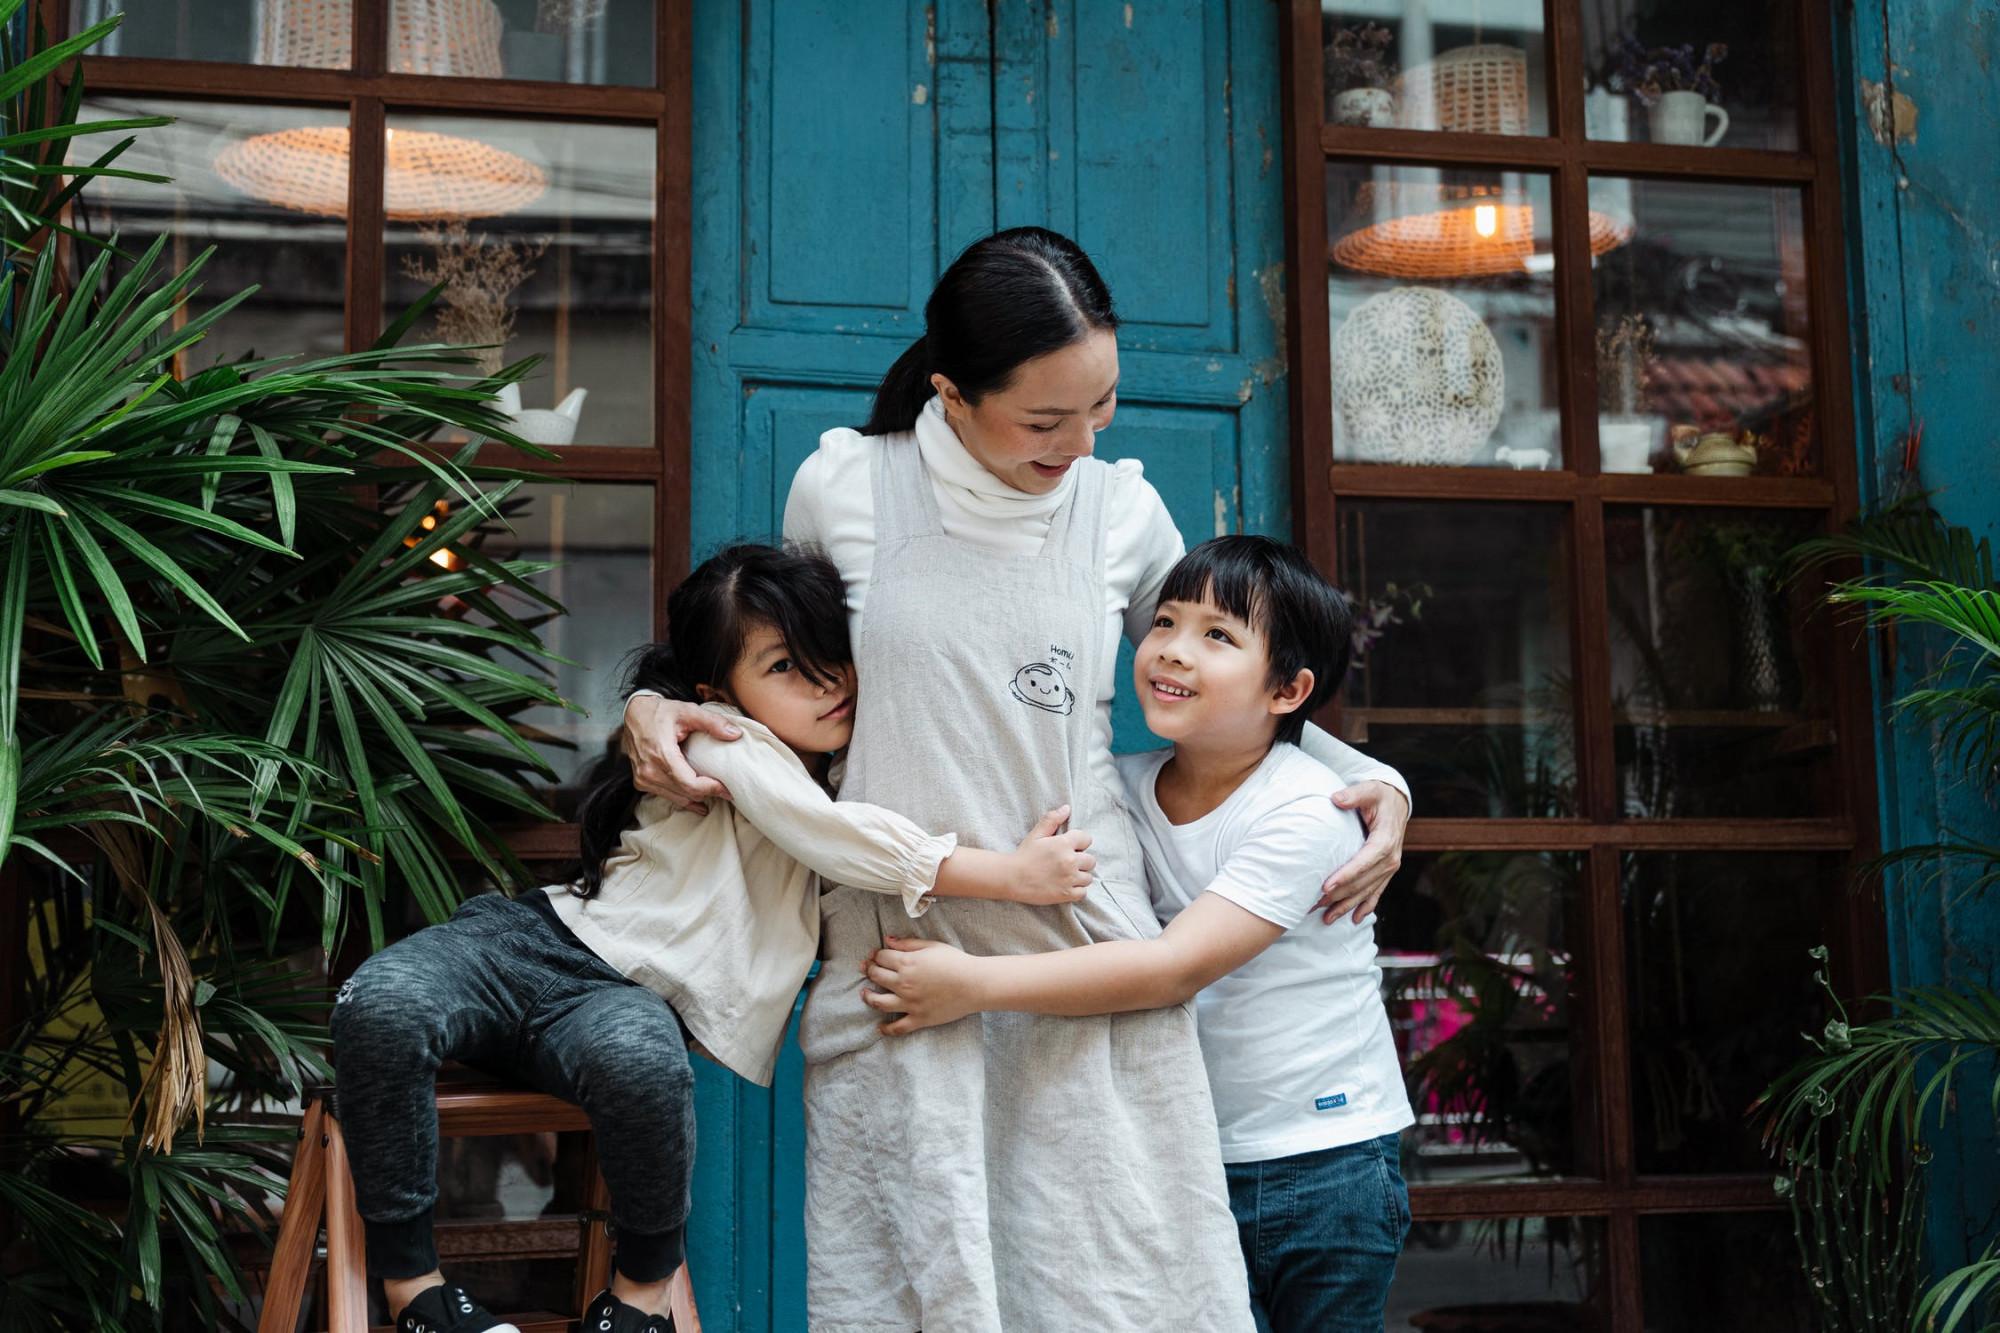 Tình yêu của trẻ là tình yêu đẹp nhất, trong trẻo nhất